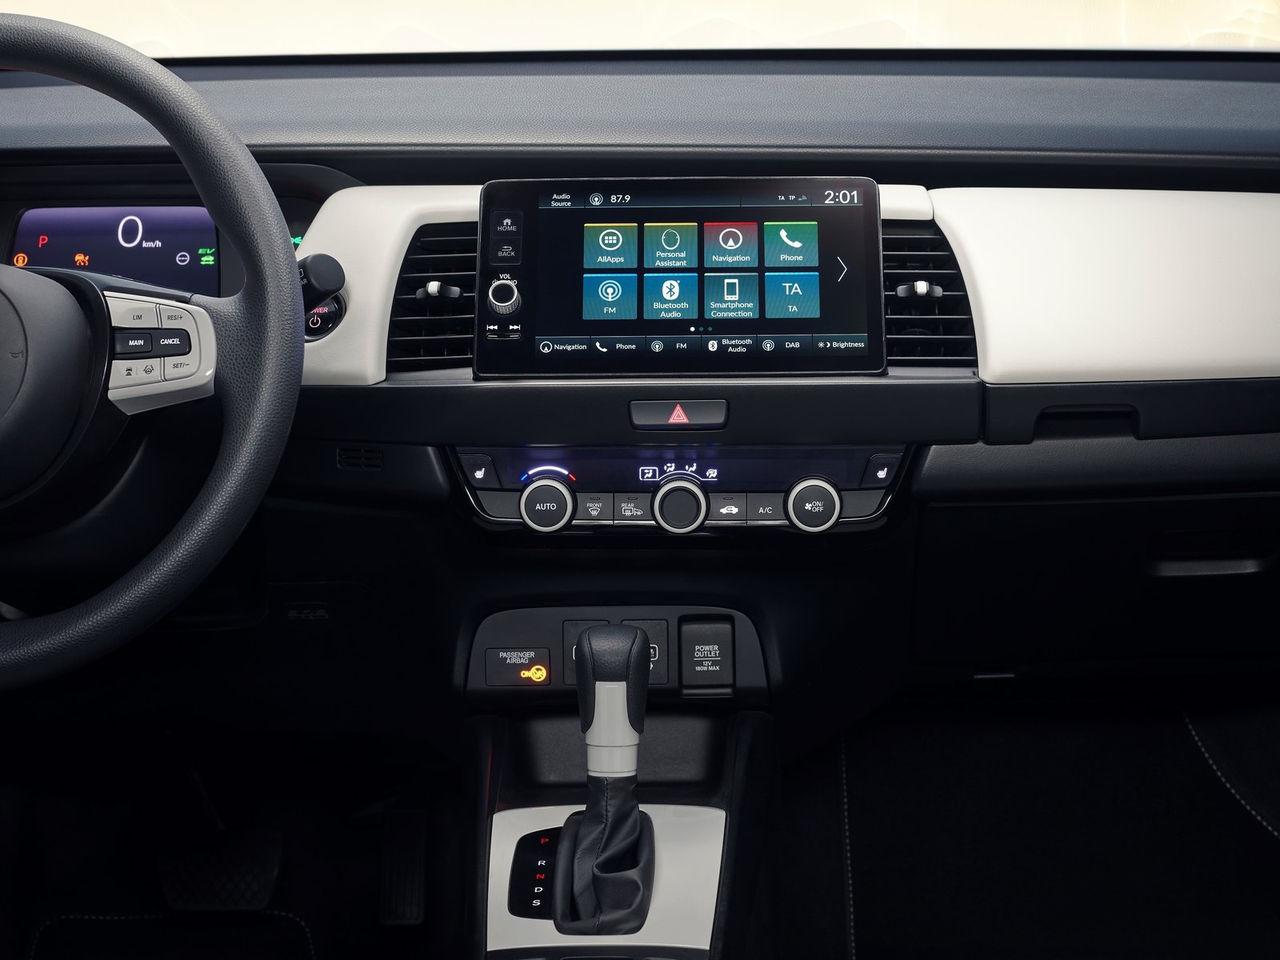 Honda går tillbaka till rattar och fysiska knappar